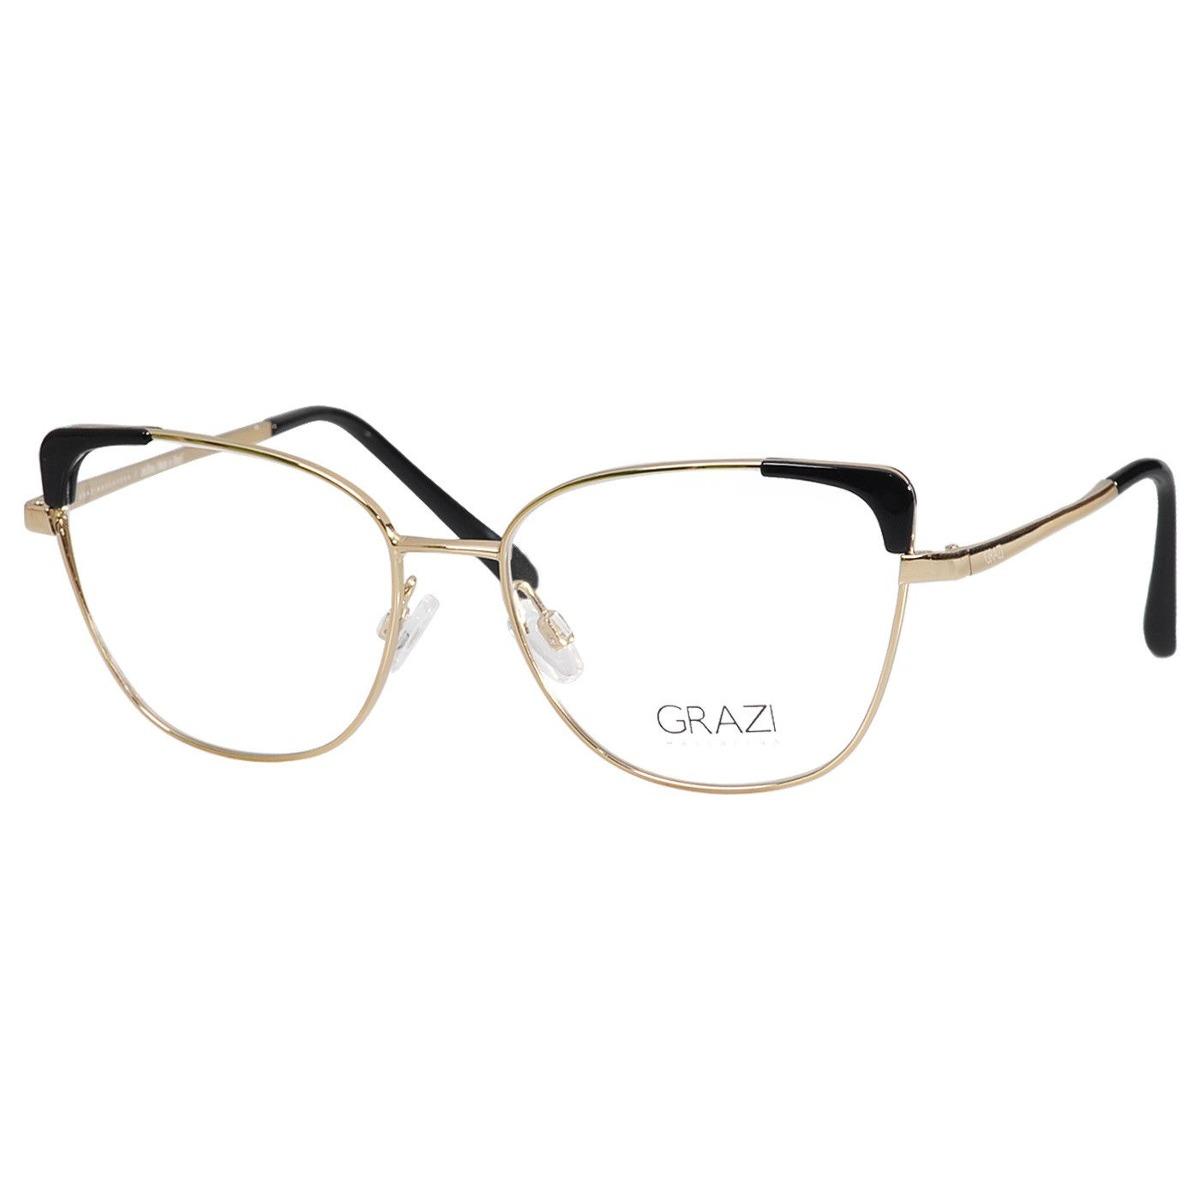 610e75426 Armação Óculos De Grau Feminino Grazi Massafera Gz1013 F920 - R$ 224 ...